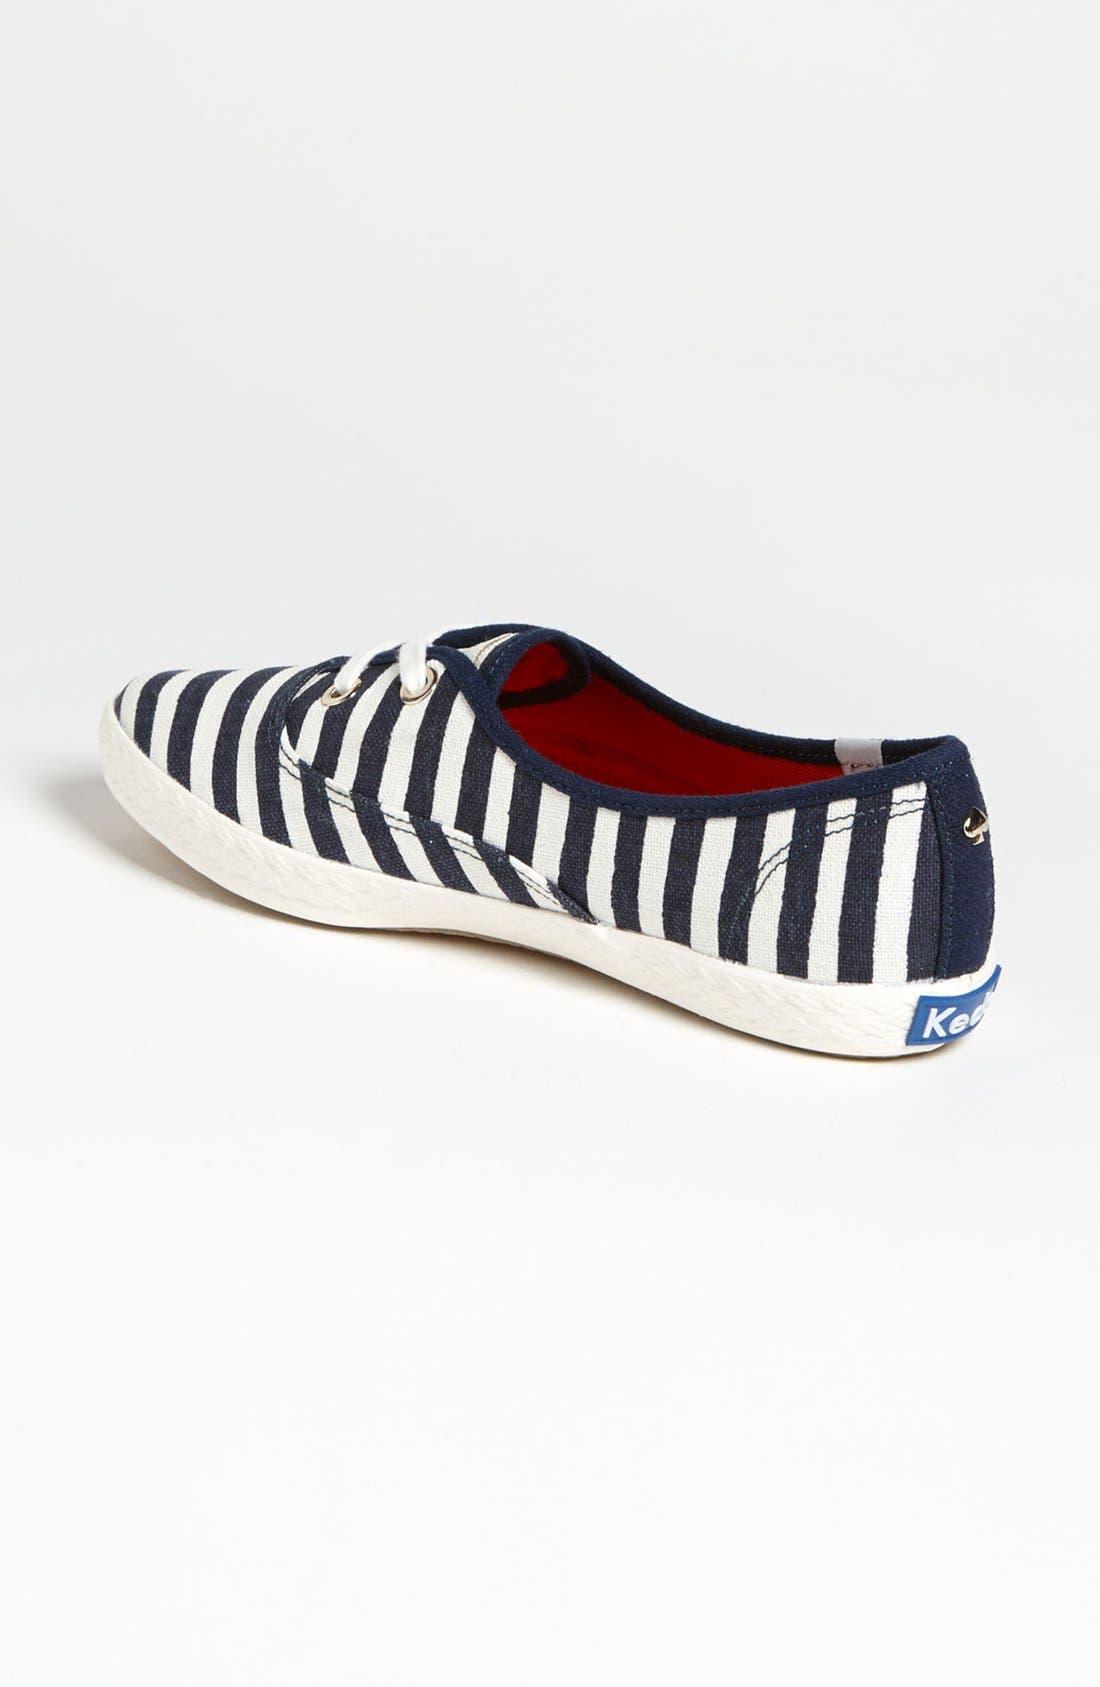 Alternate Image 3  - Keds® for kate spade new york 'pointer' sneaker